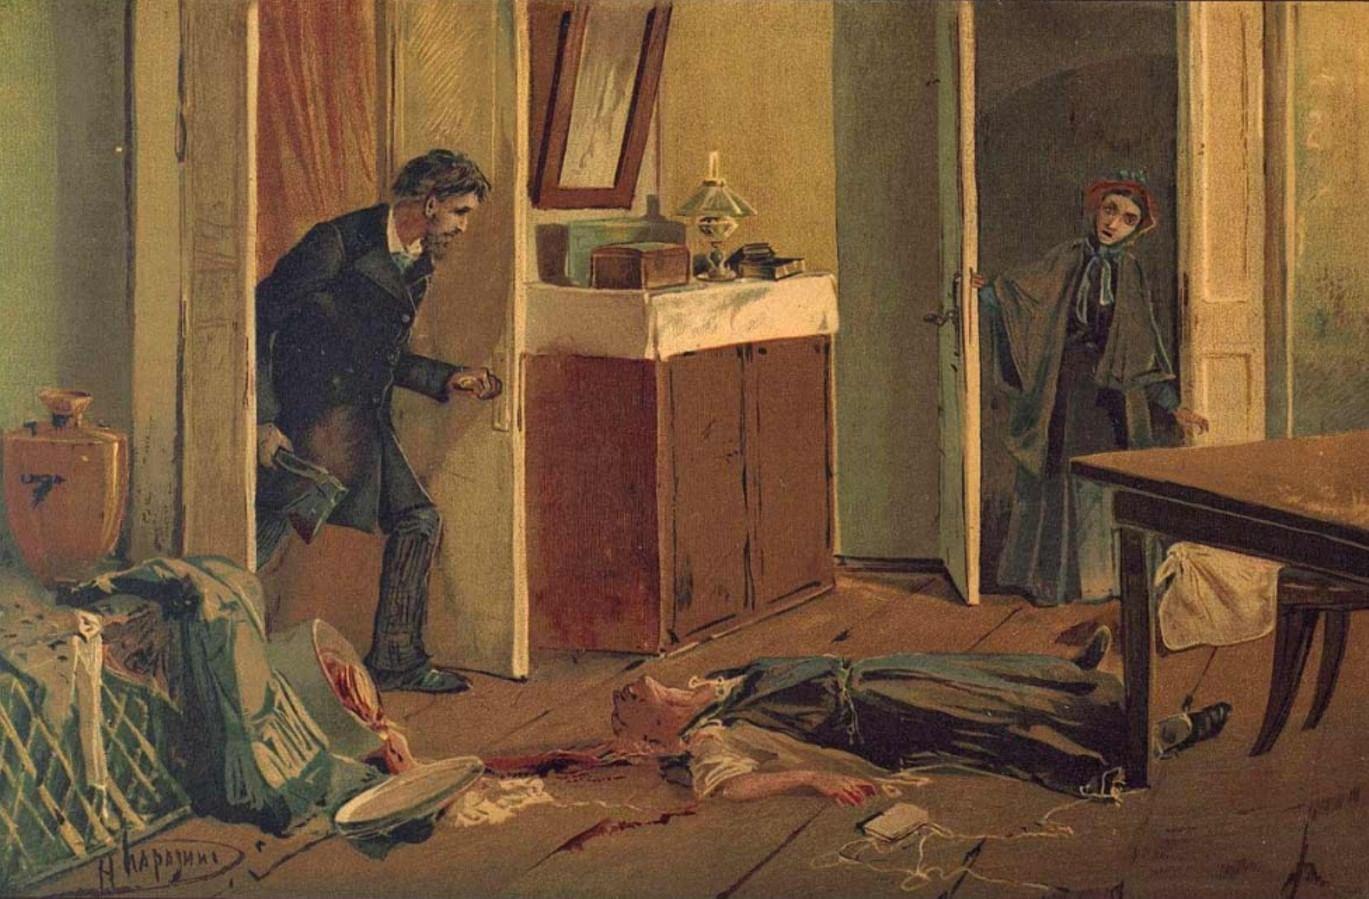 Что читают классики? Любимые писатели Федора Достоевского. Евангелие